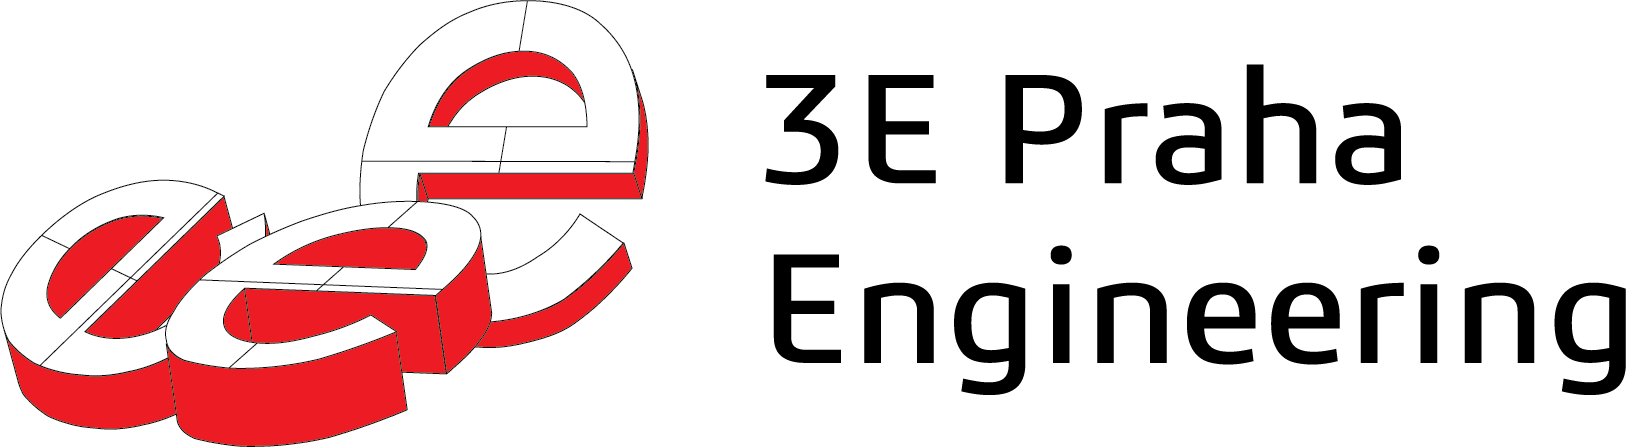 3e-logo-3ds-solidweb